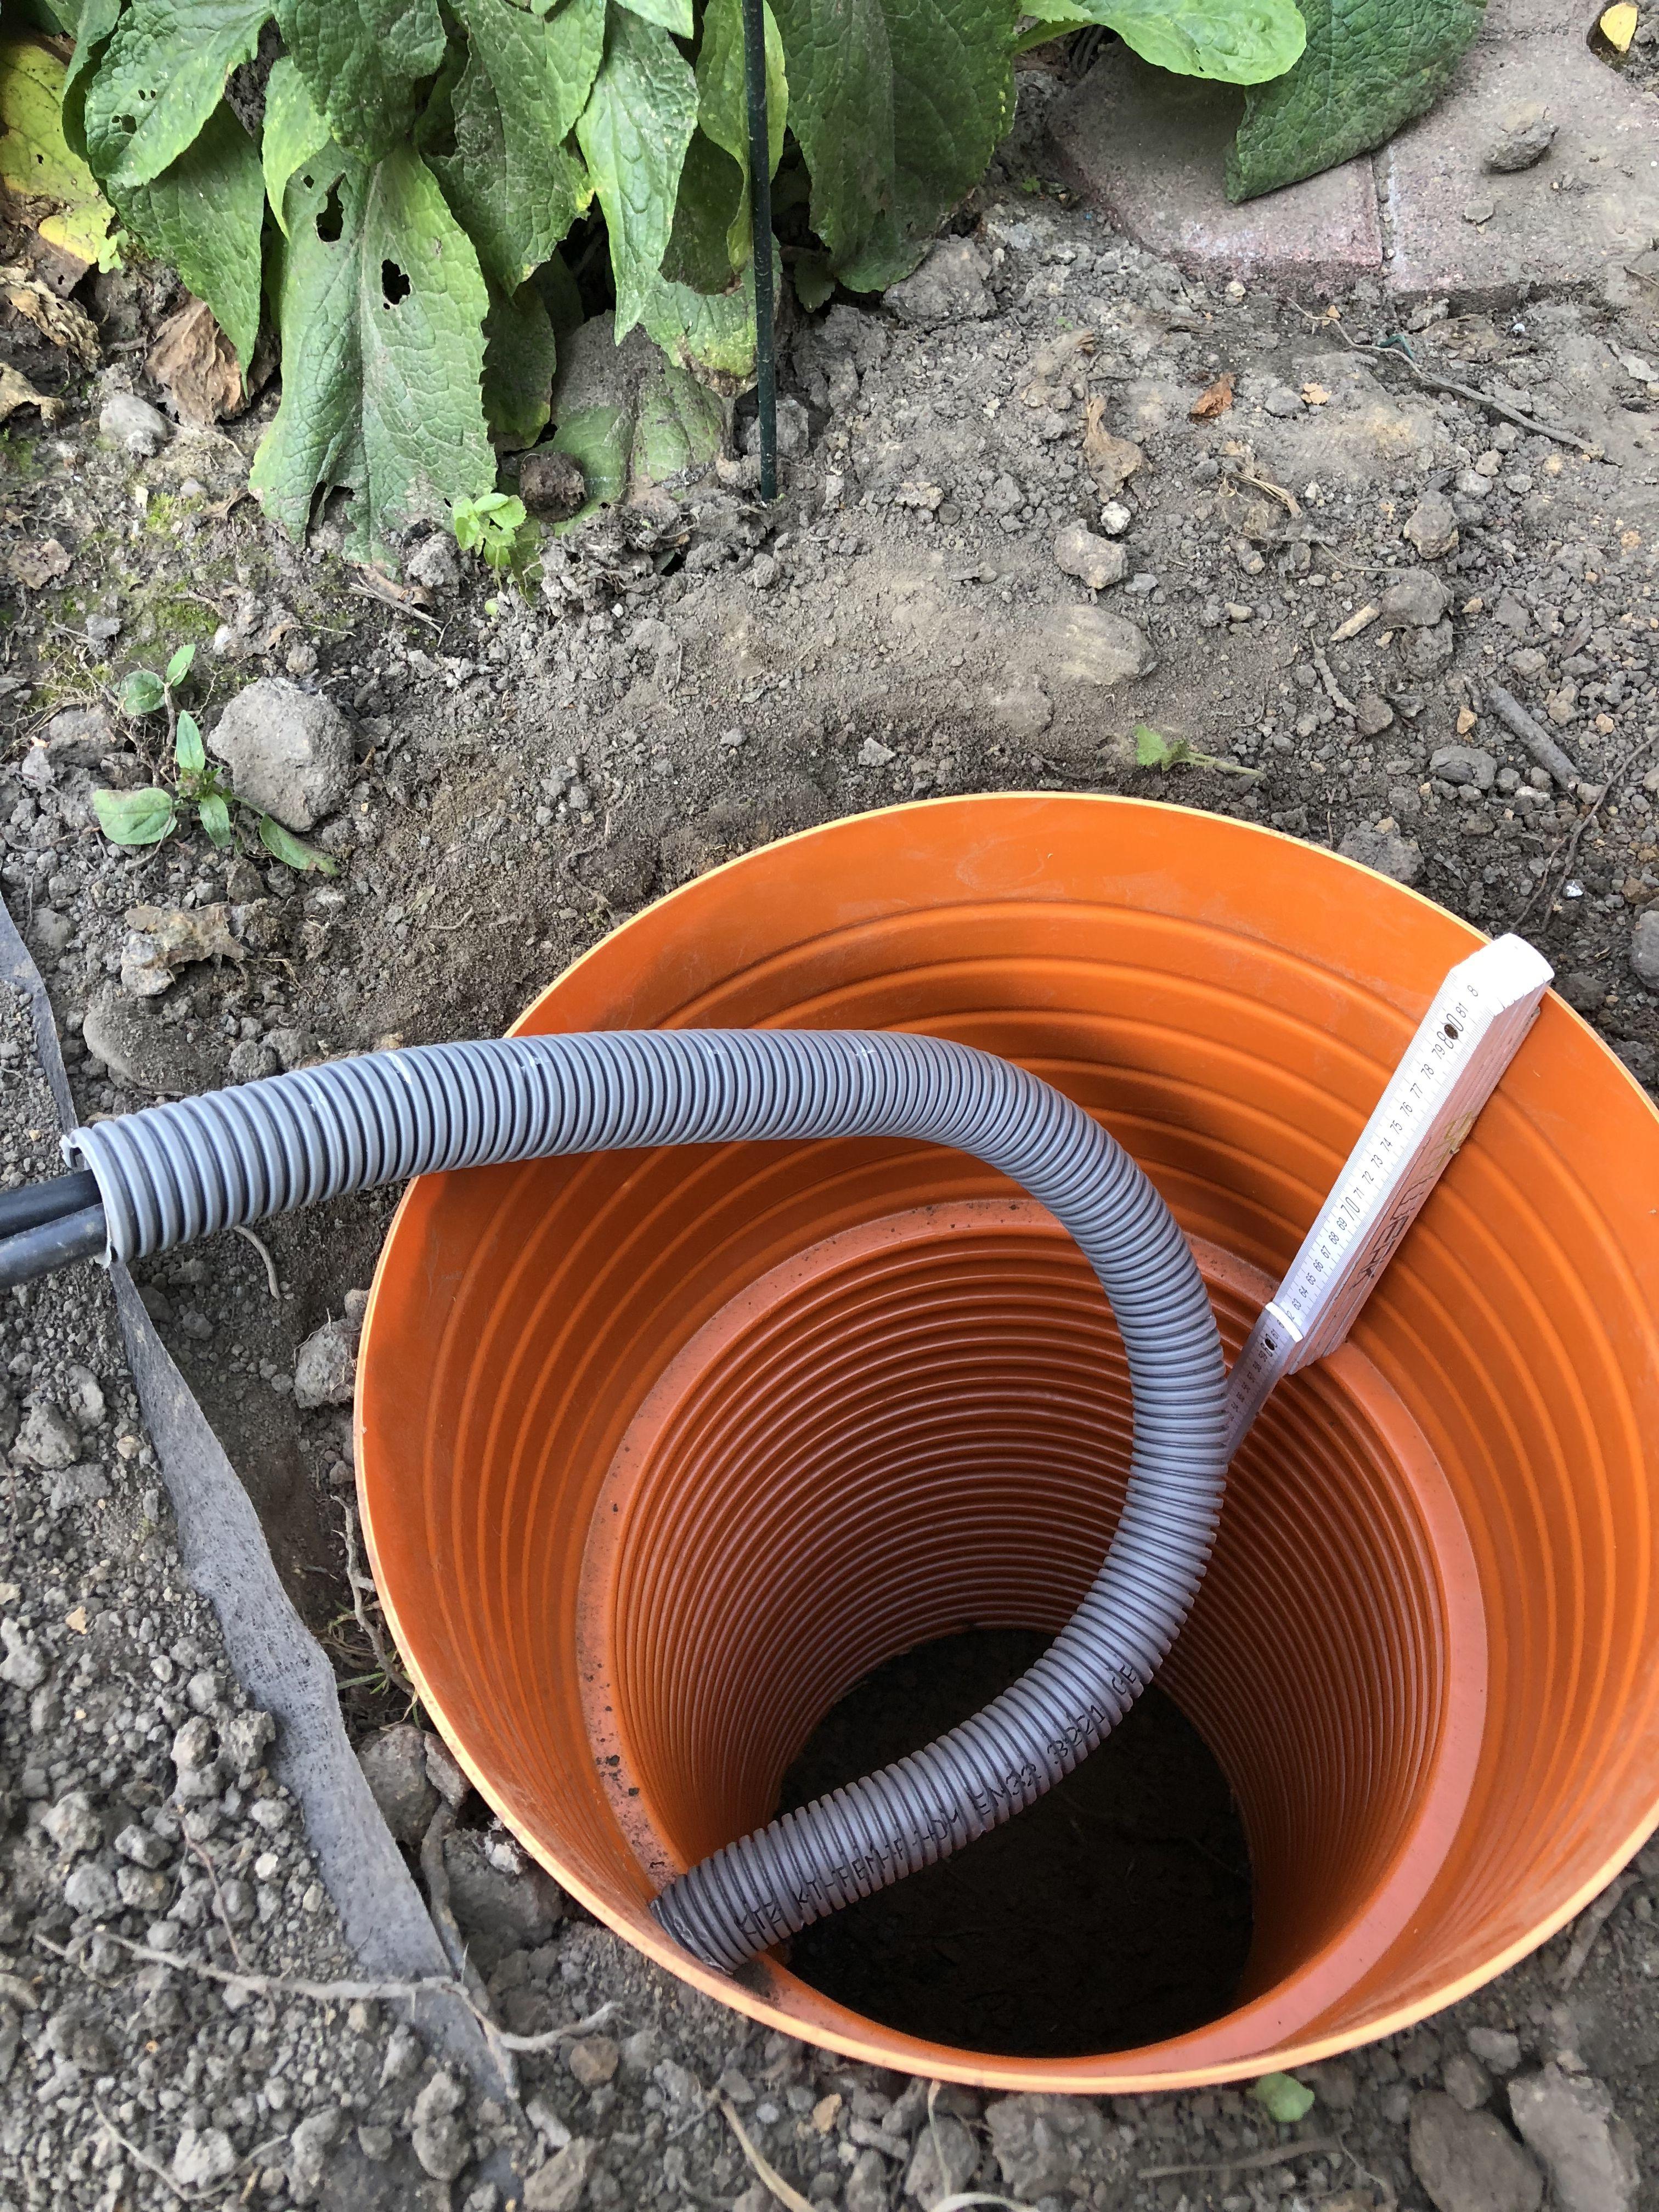 Frostfrei Grunden Und Erdkabel In Schutzrohr Hochfuhren Laterne Garten Erdkabel Garten